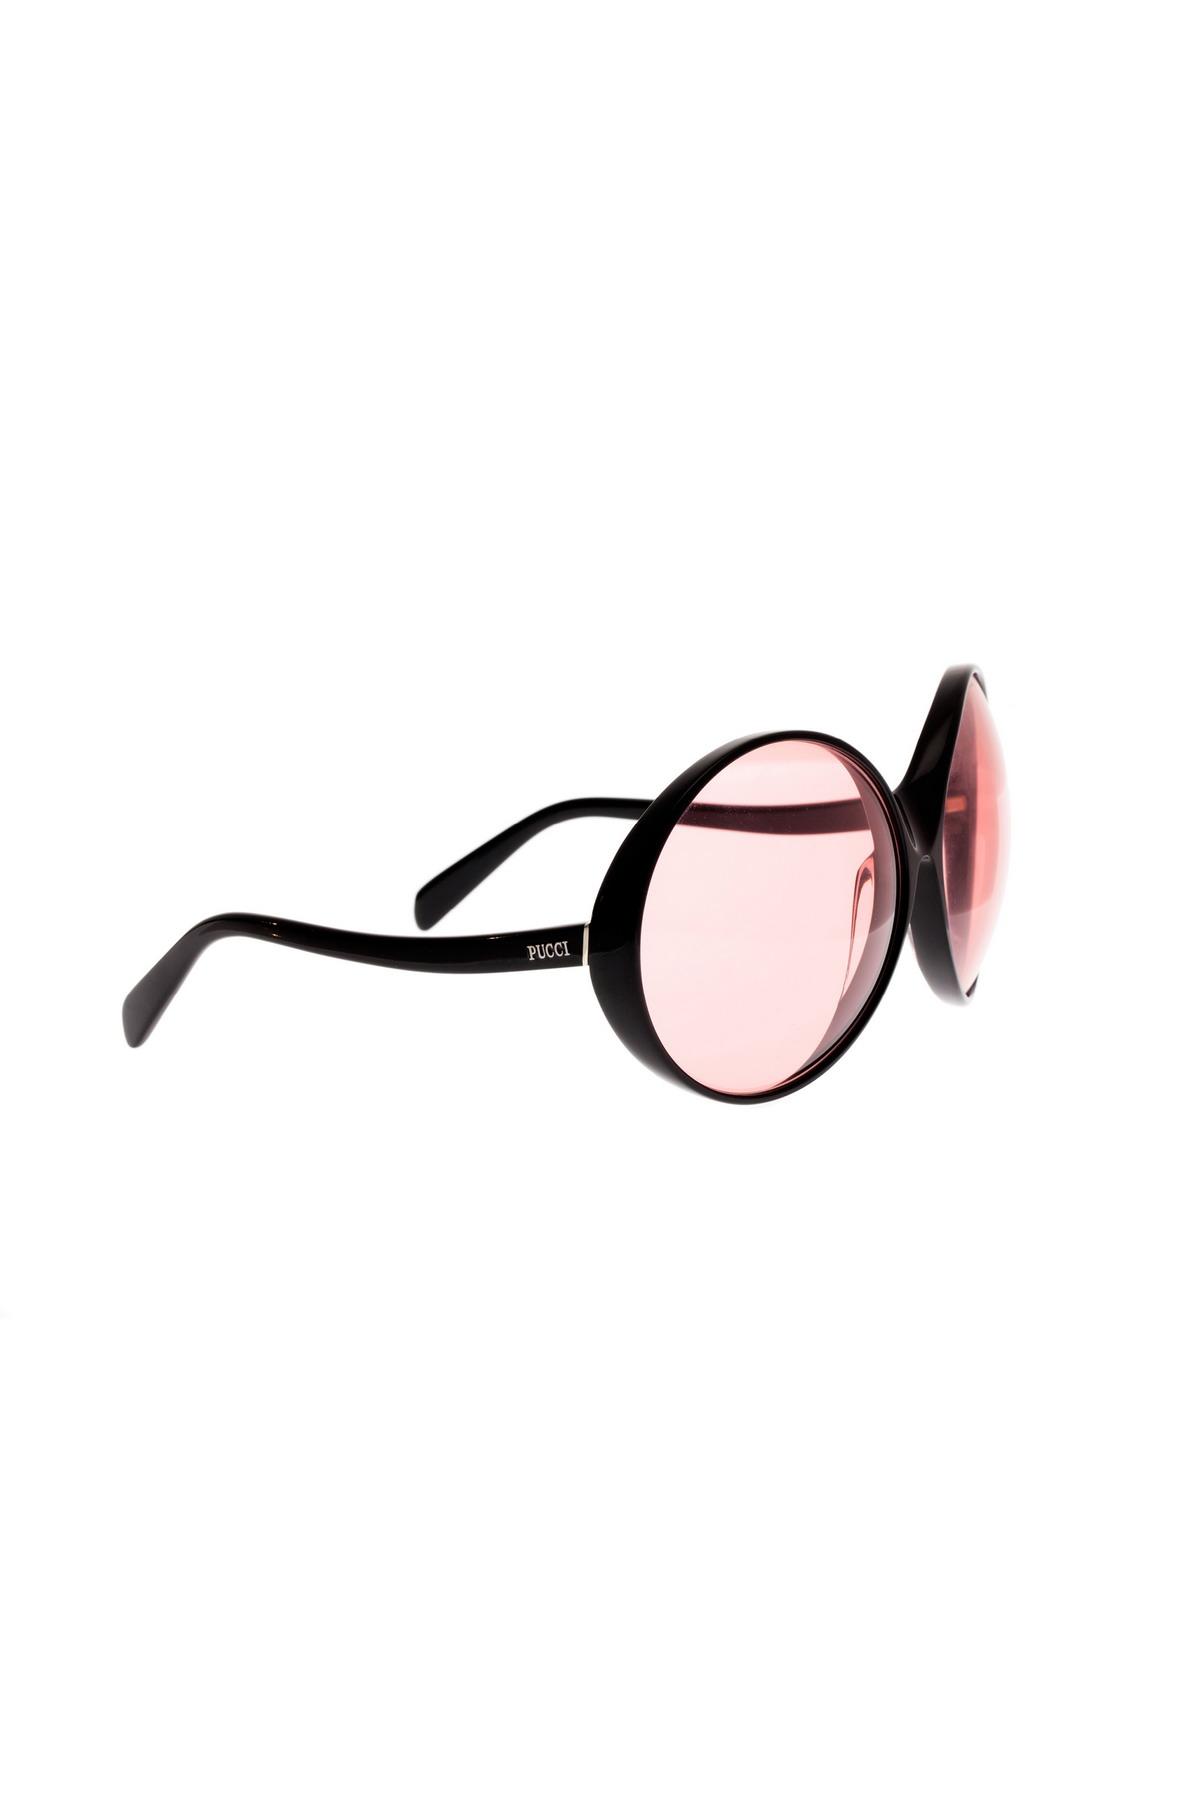 25_EmilioPucci_accessories_SS2015_ridimensionare